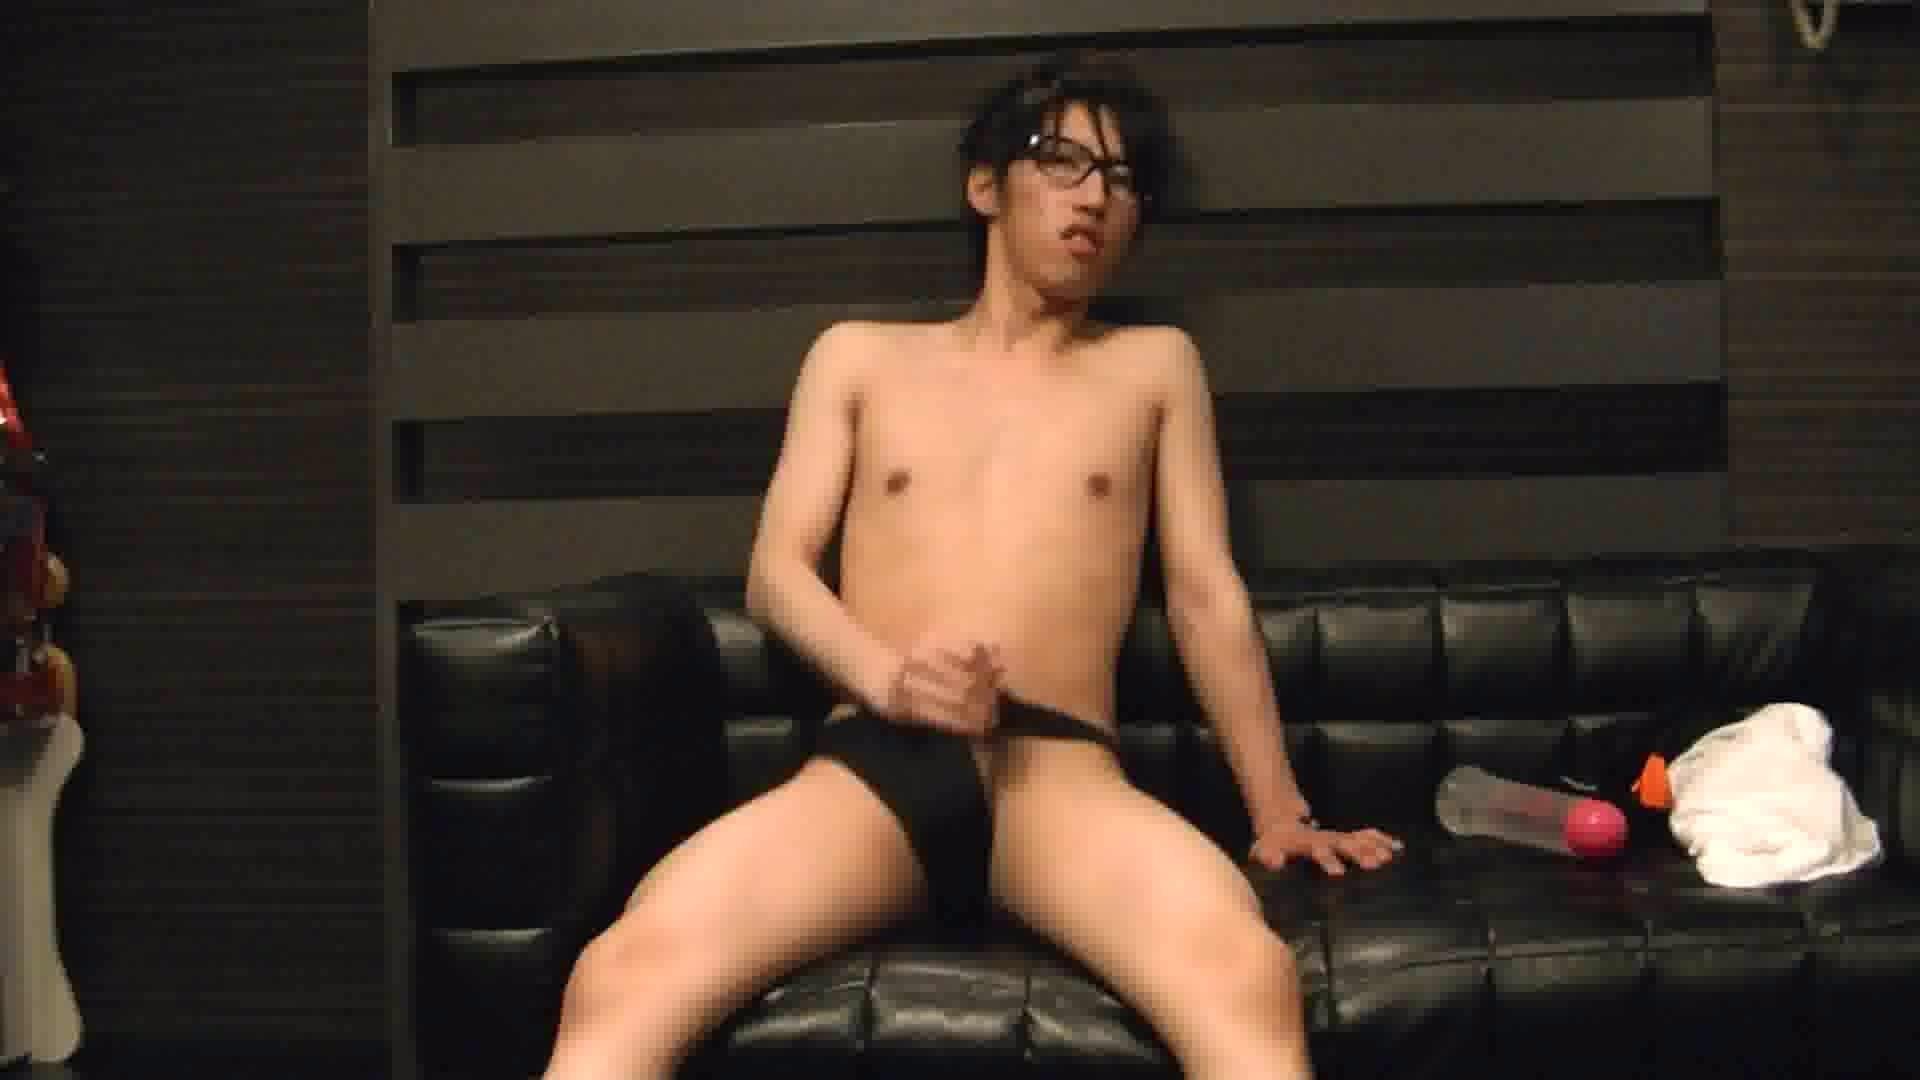 ONA見せカーニバル!! Vol3 ゲイのオナニー映像  103枚 76